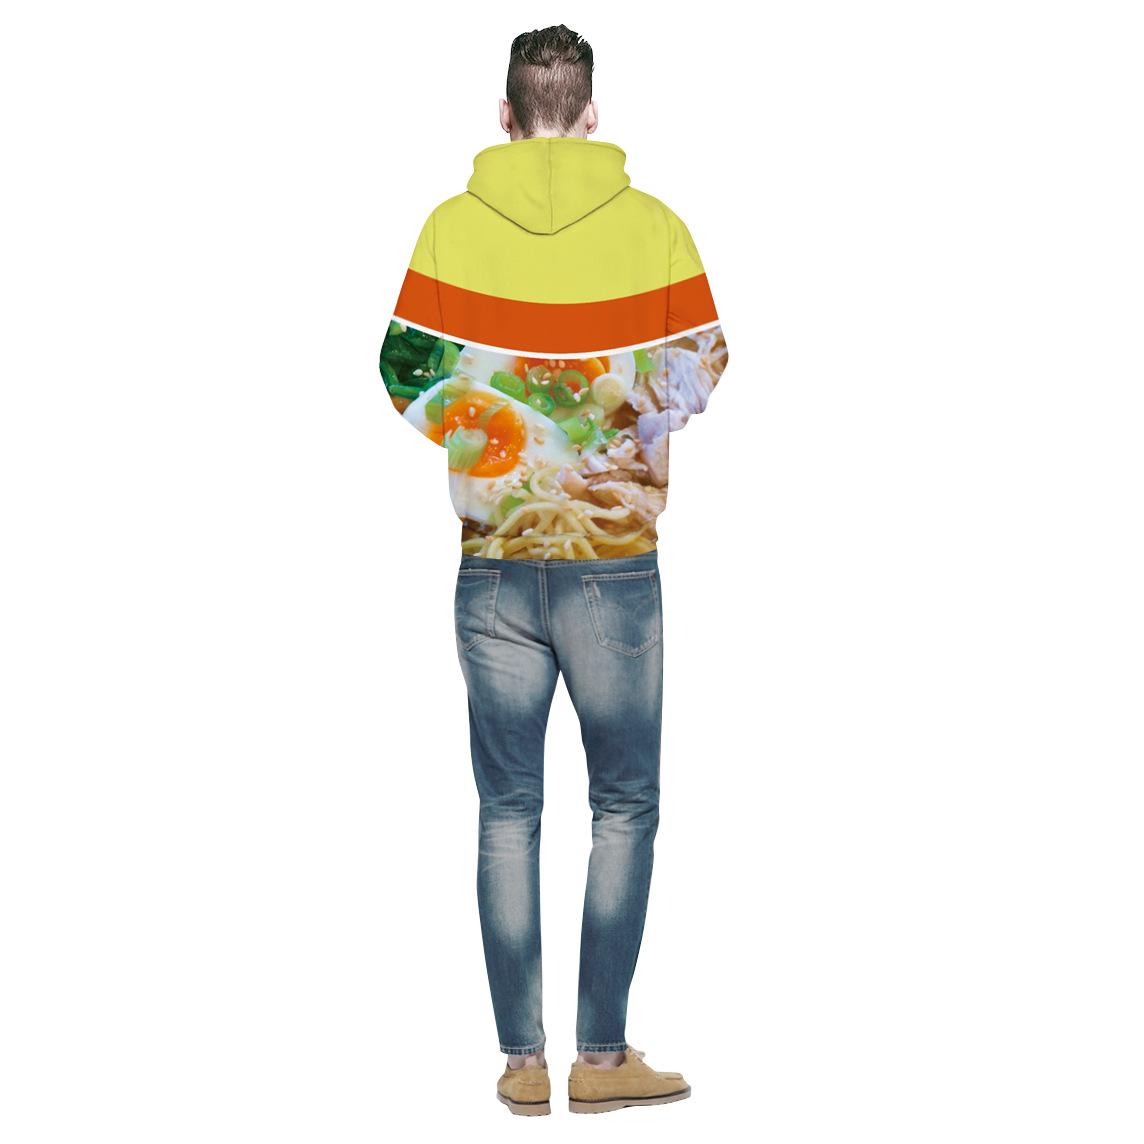 Novos Casais de Moda Das Mulheres Dos Homens Unisex HD ramen carne / macarrão de Galinha Food 3D Impressão Hoodies Camisola Moletom Jaqueta Pullover Top S-3XL T52